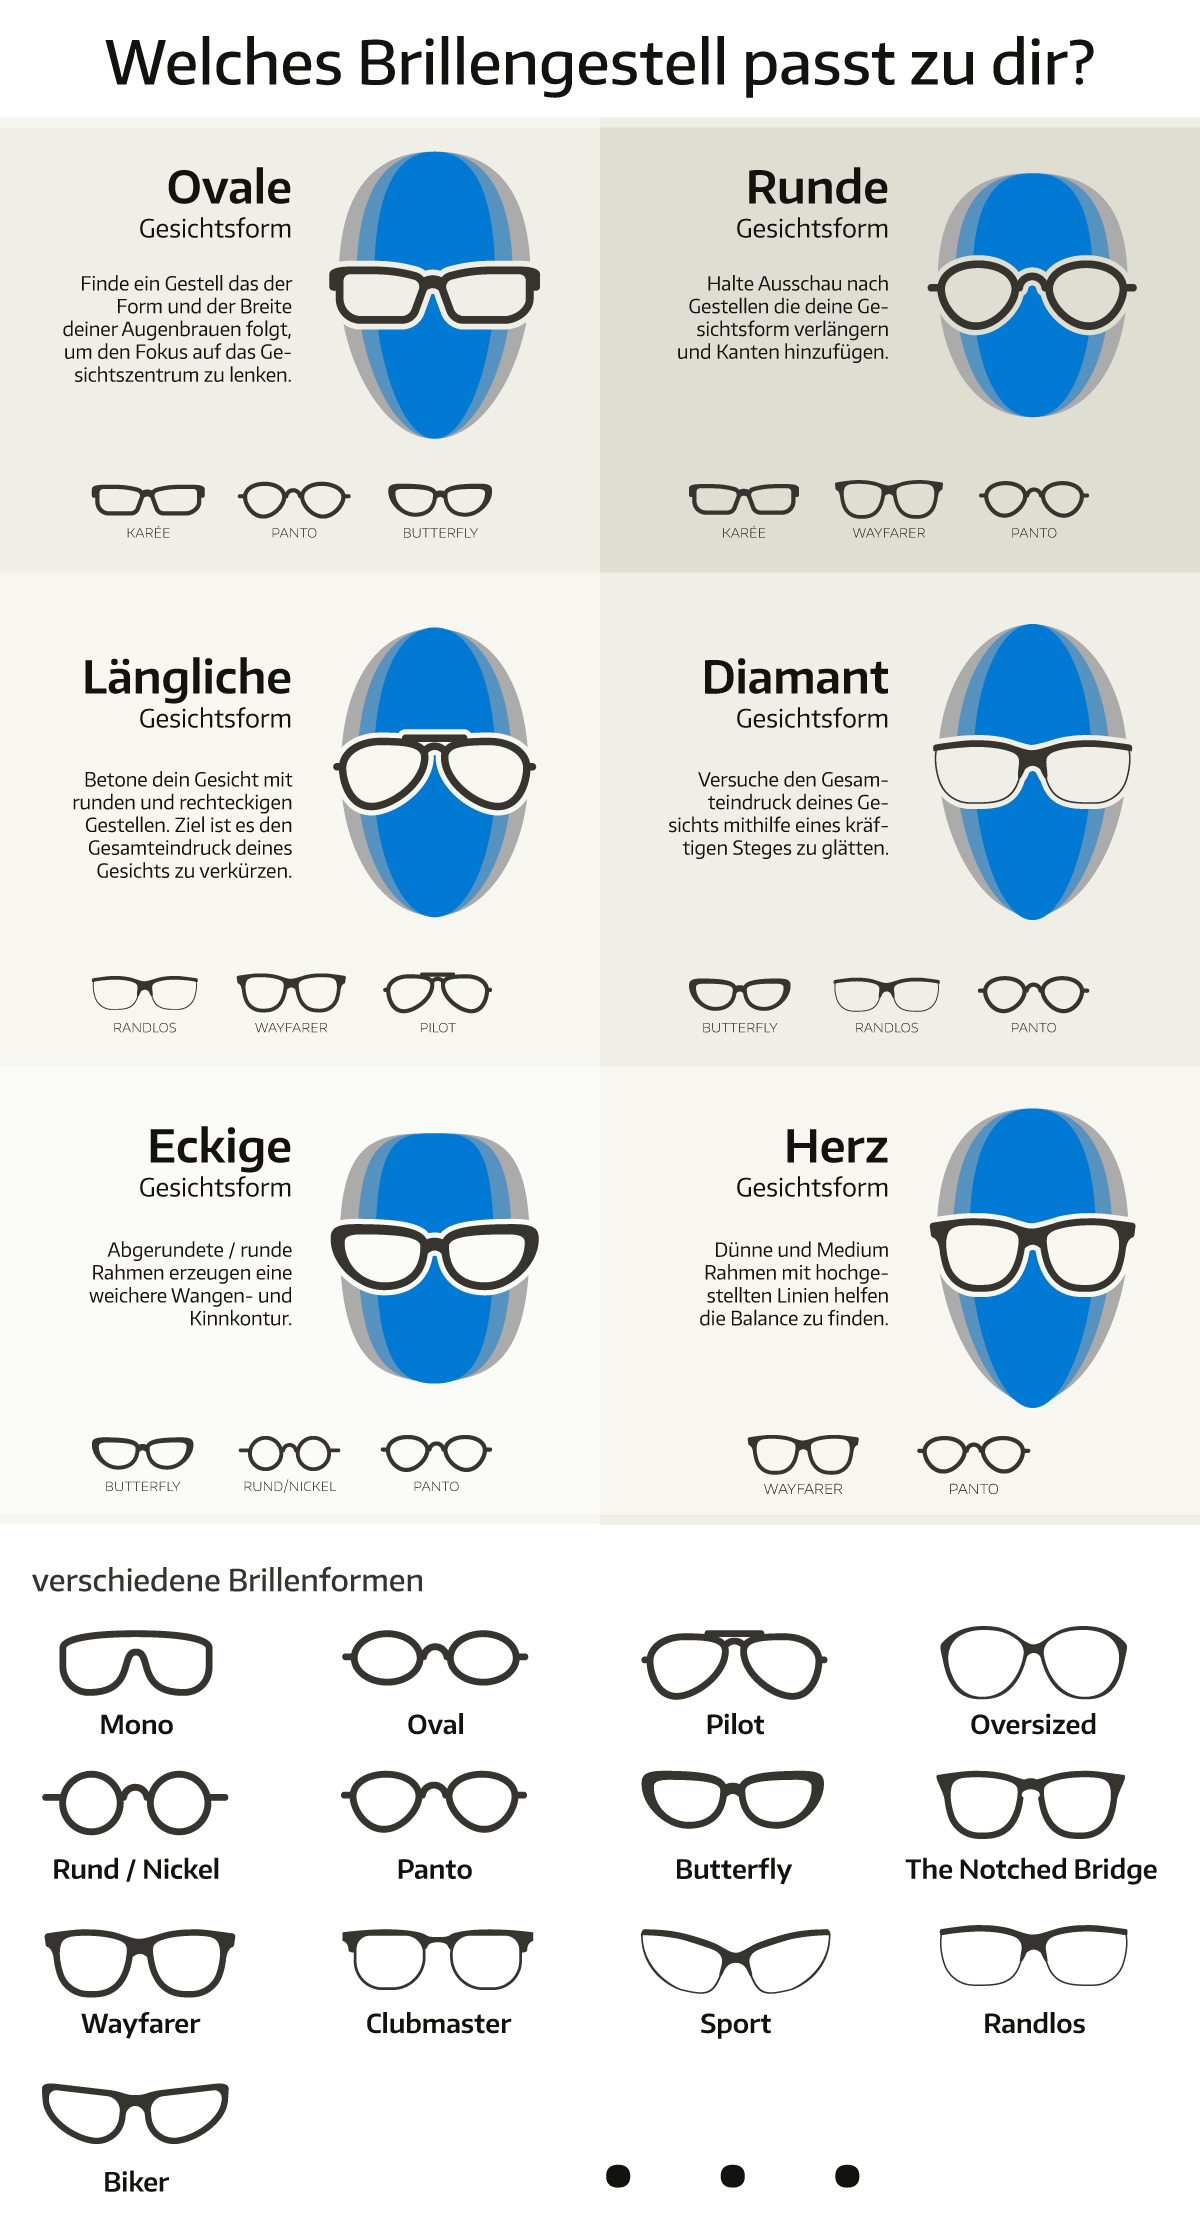 Welche Brille passt zu welcher Gesichtsform?